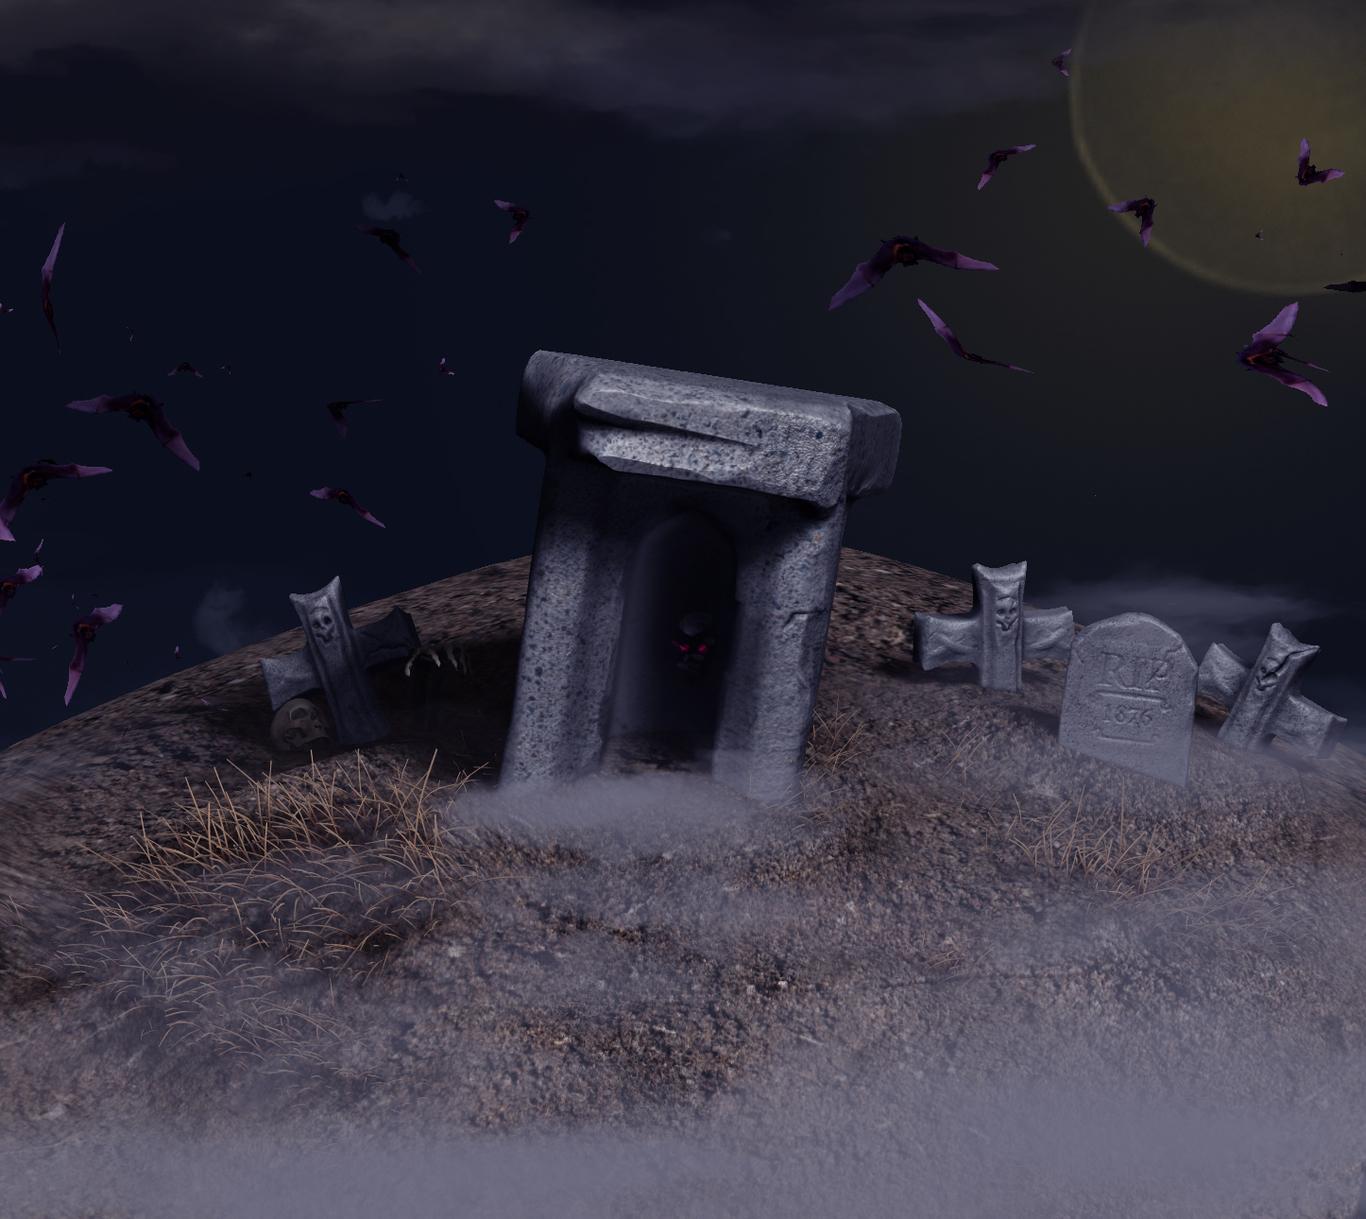 Nufftalon halloween haunted ce 1 464b1d96 w0bq